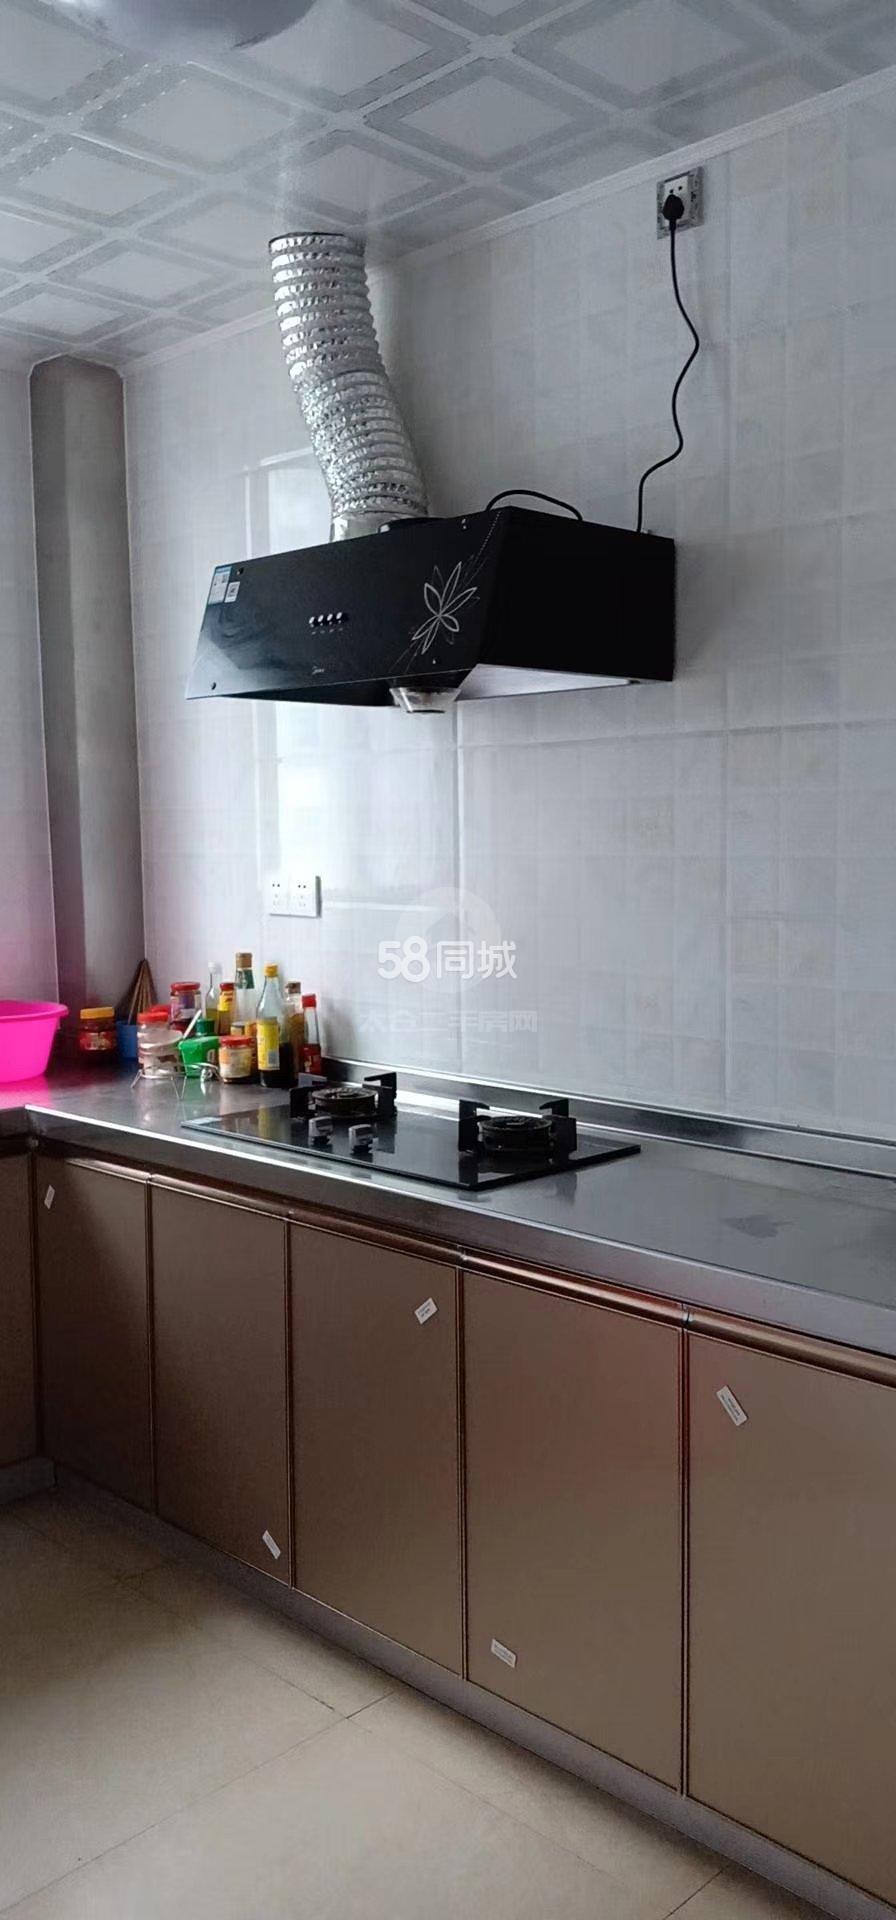 南城雅苑精装3室家具家电齐全房出租